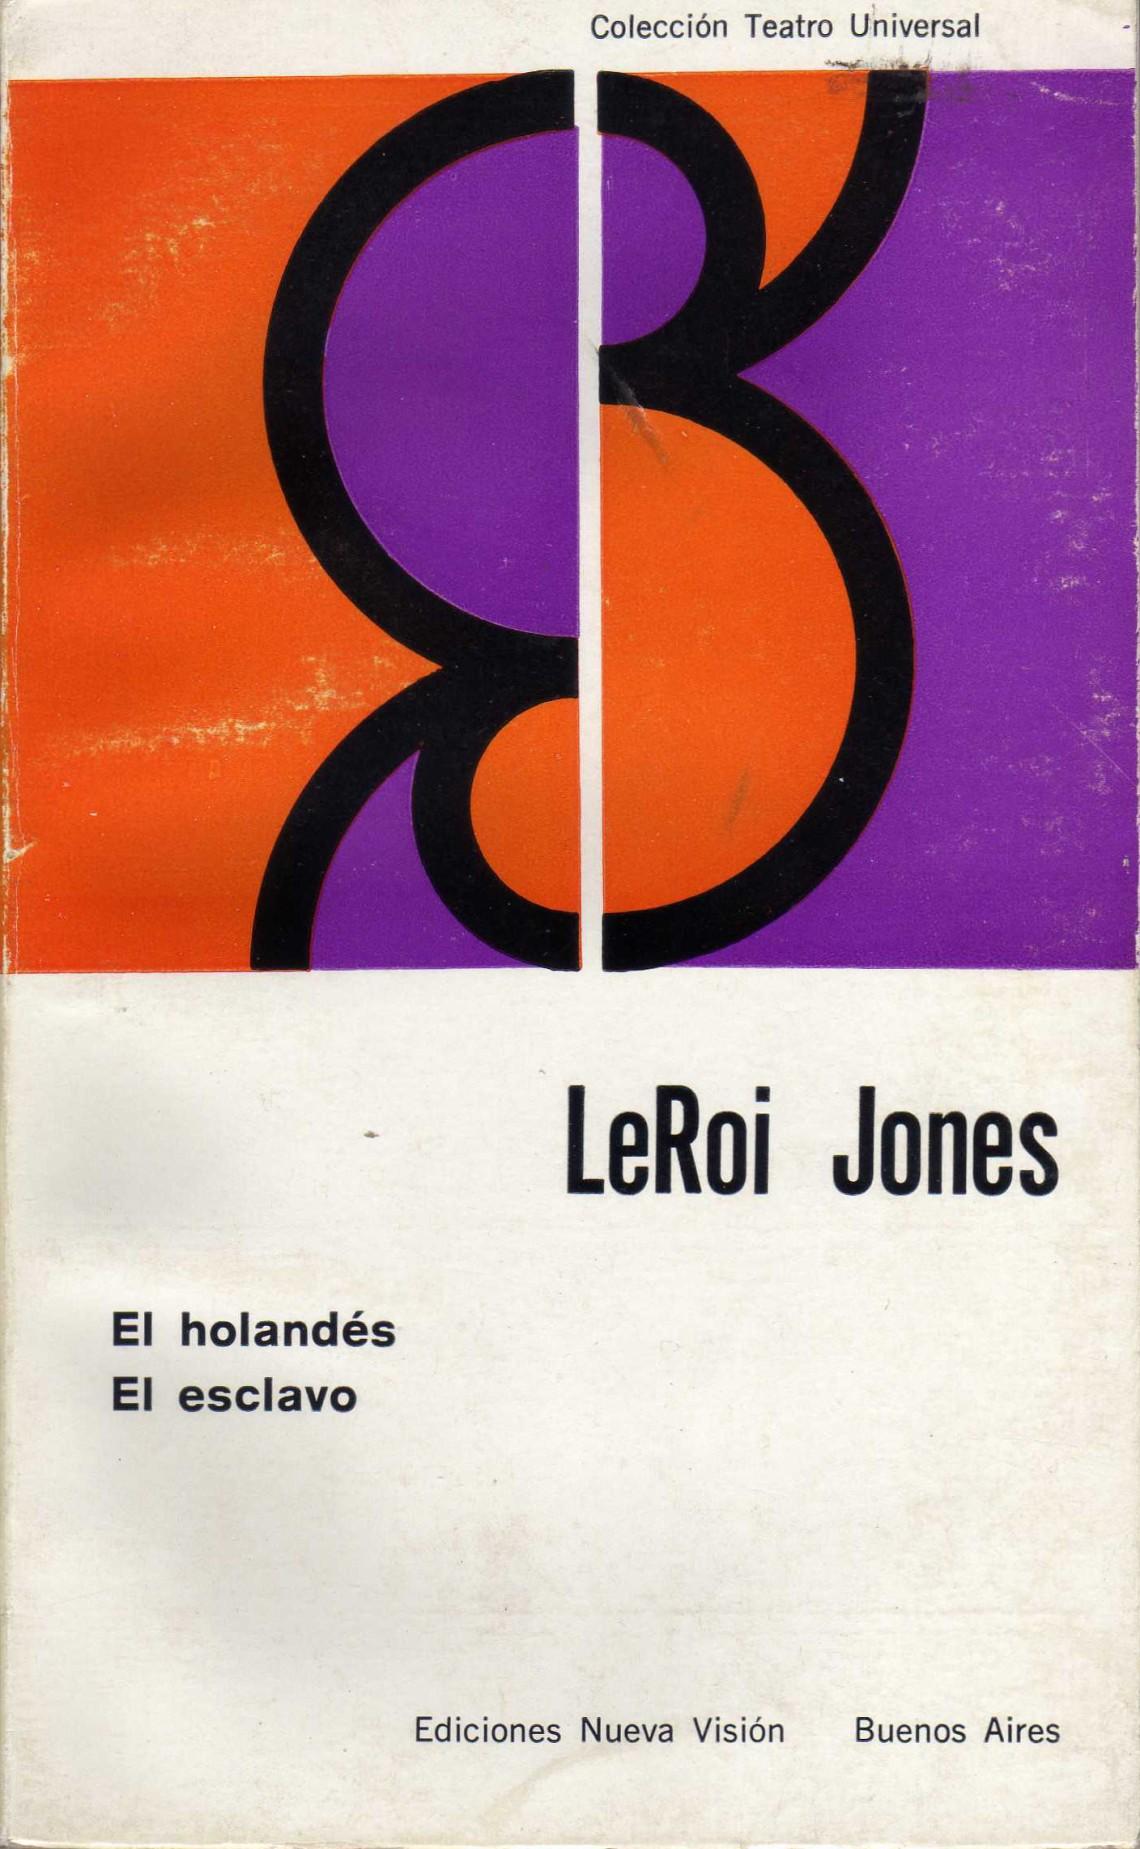 Leroi